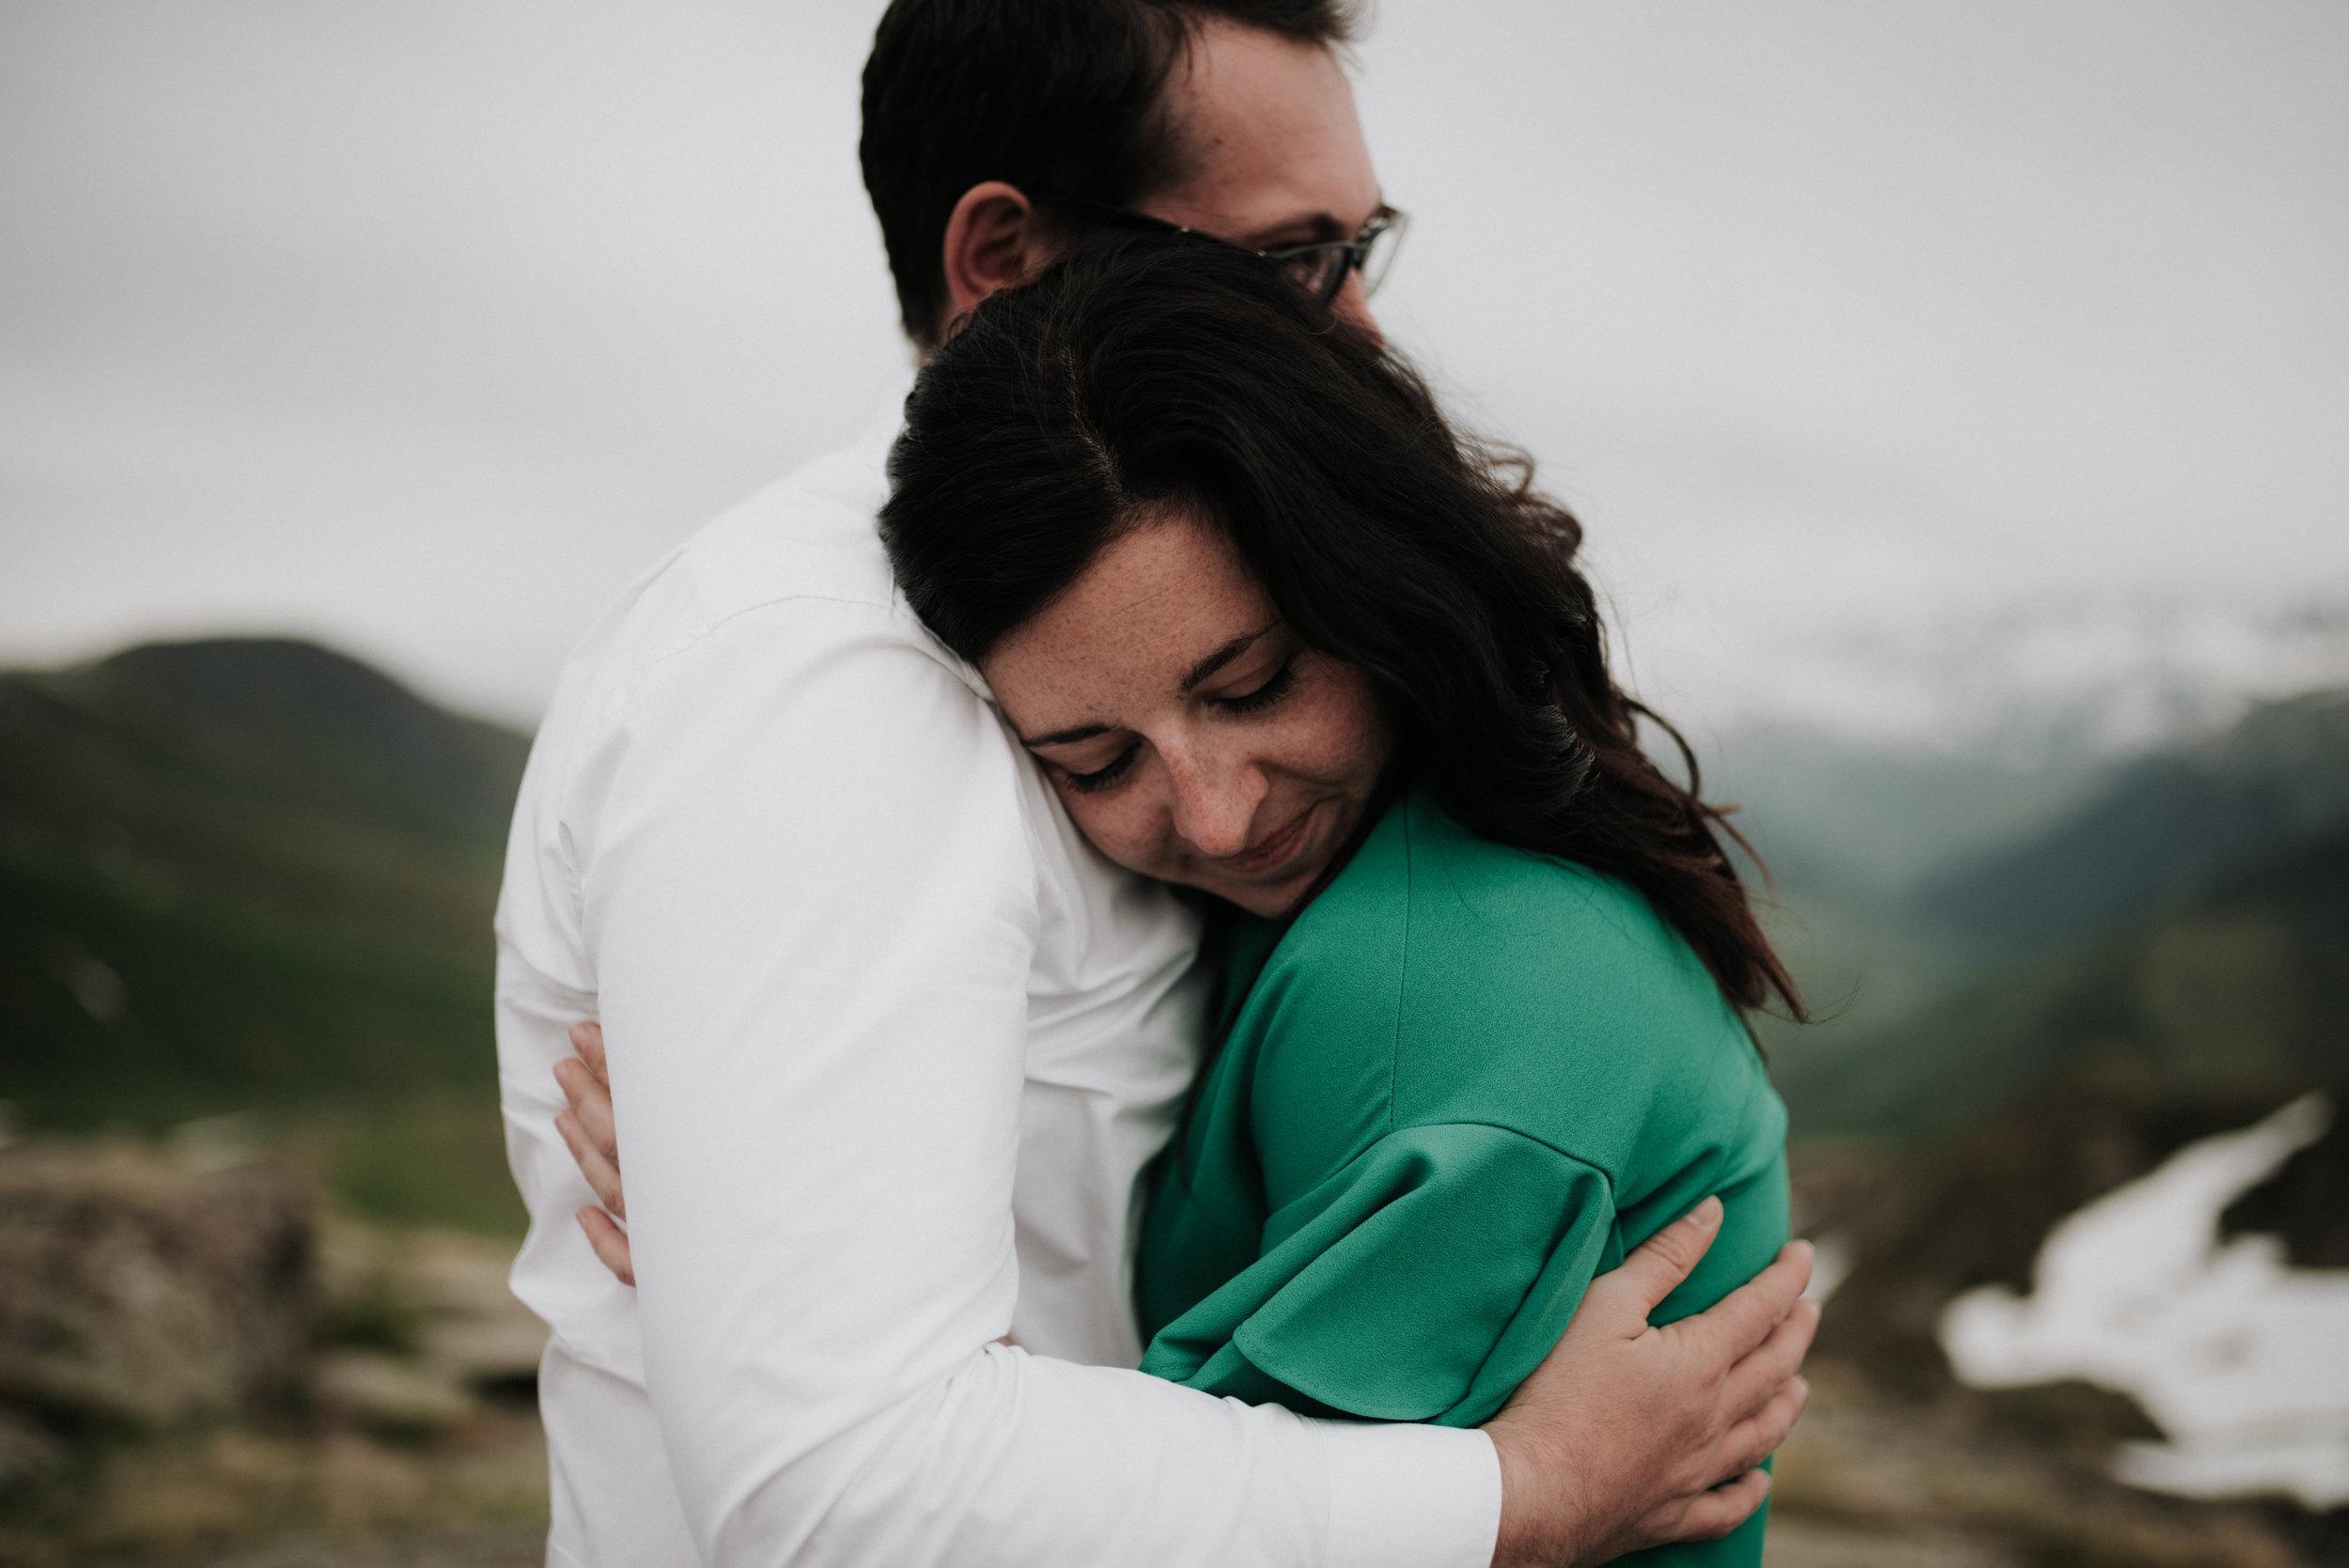 Léa-Fery-photographe-professionnel-lyon-rhone-alpes-portrait-creation-mariage-evenement-evenementiel-famille-0840.jpg